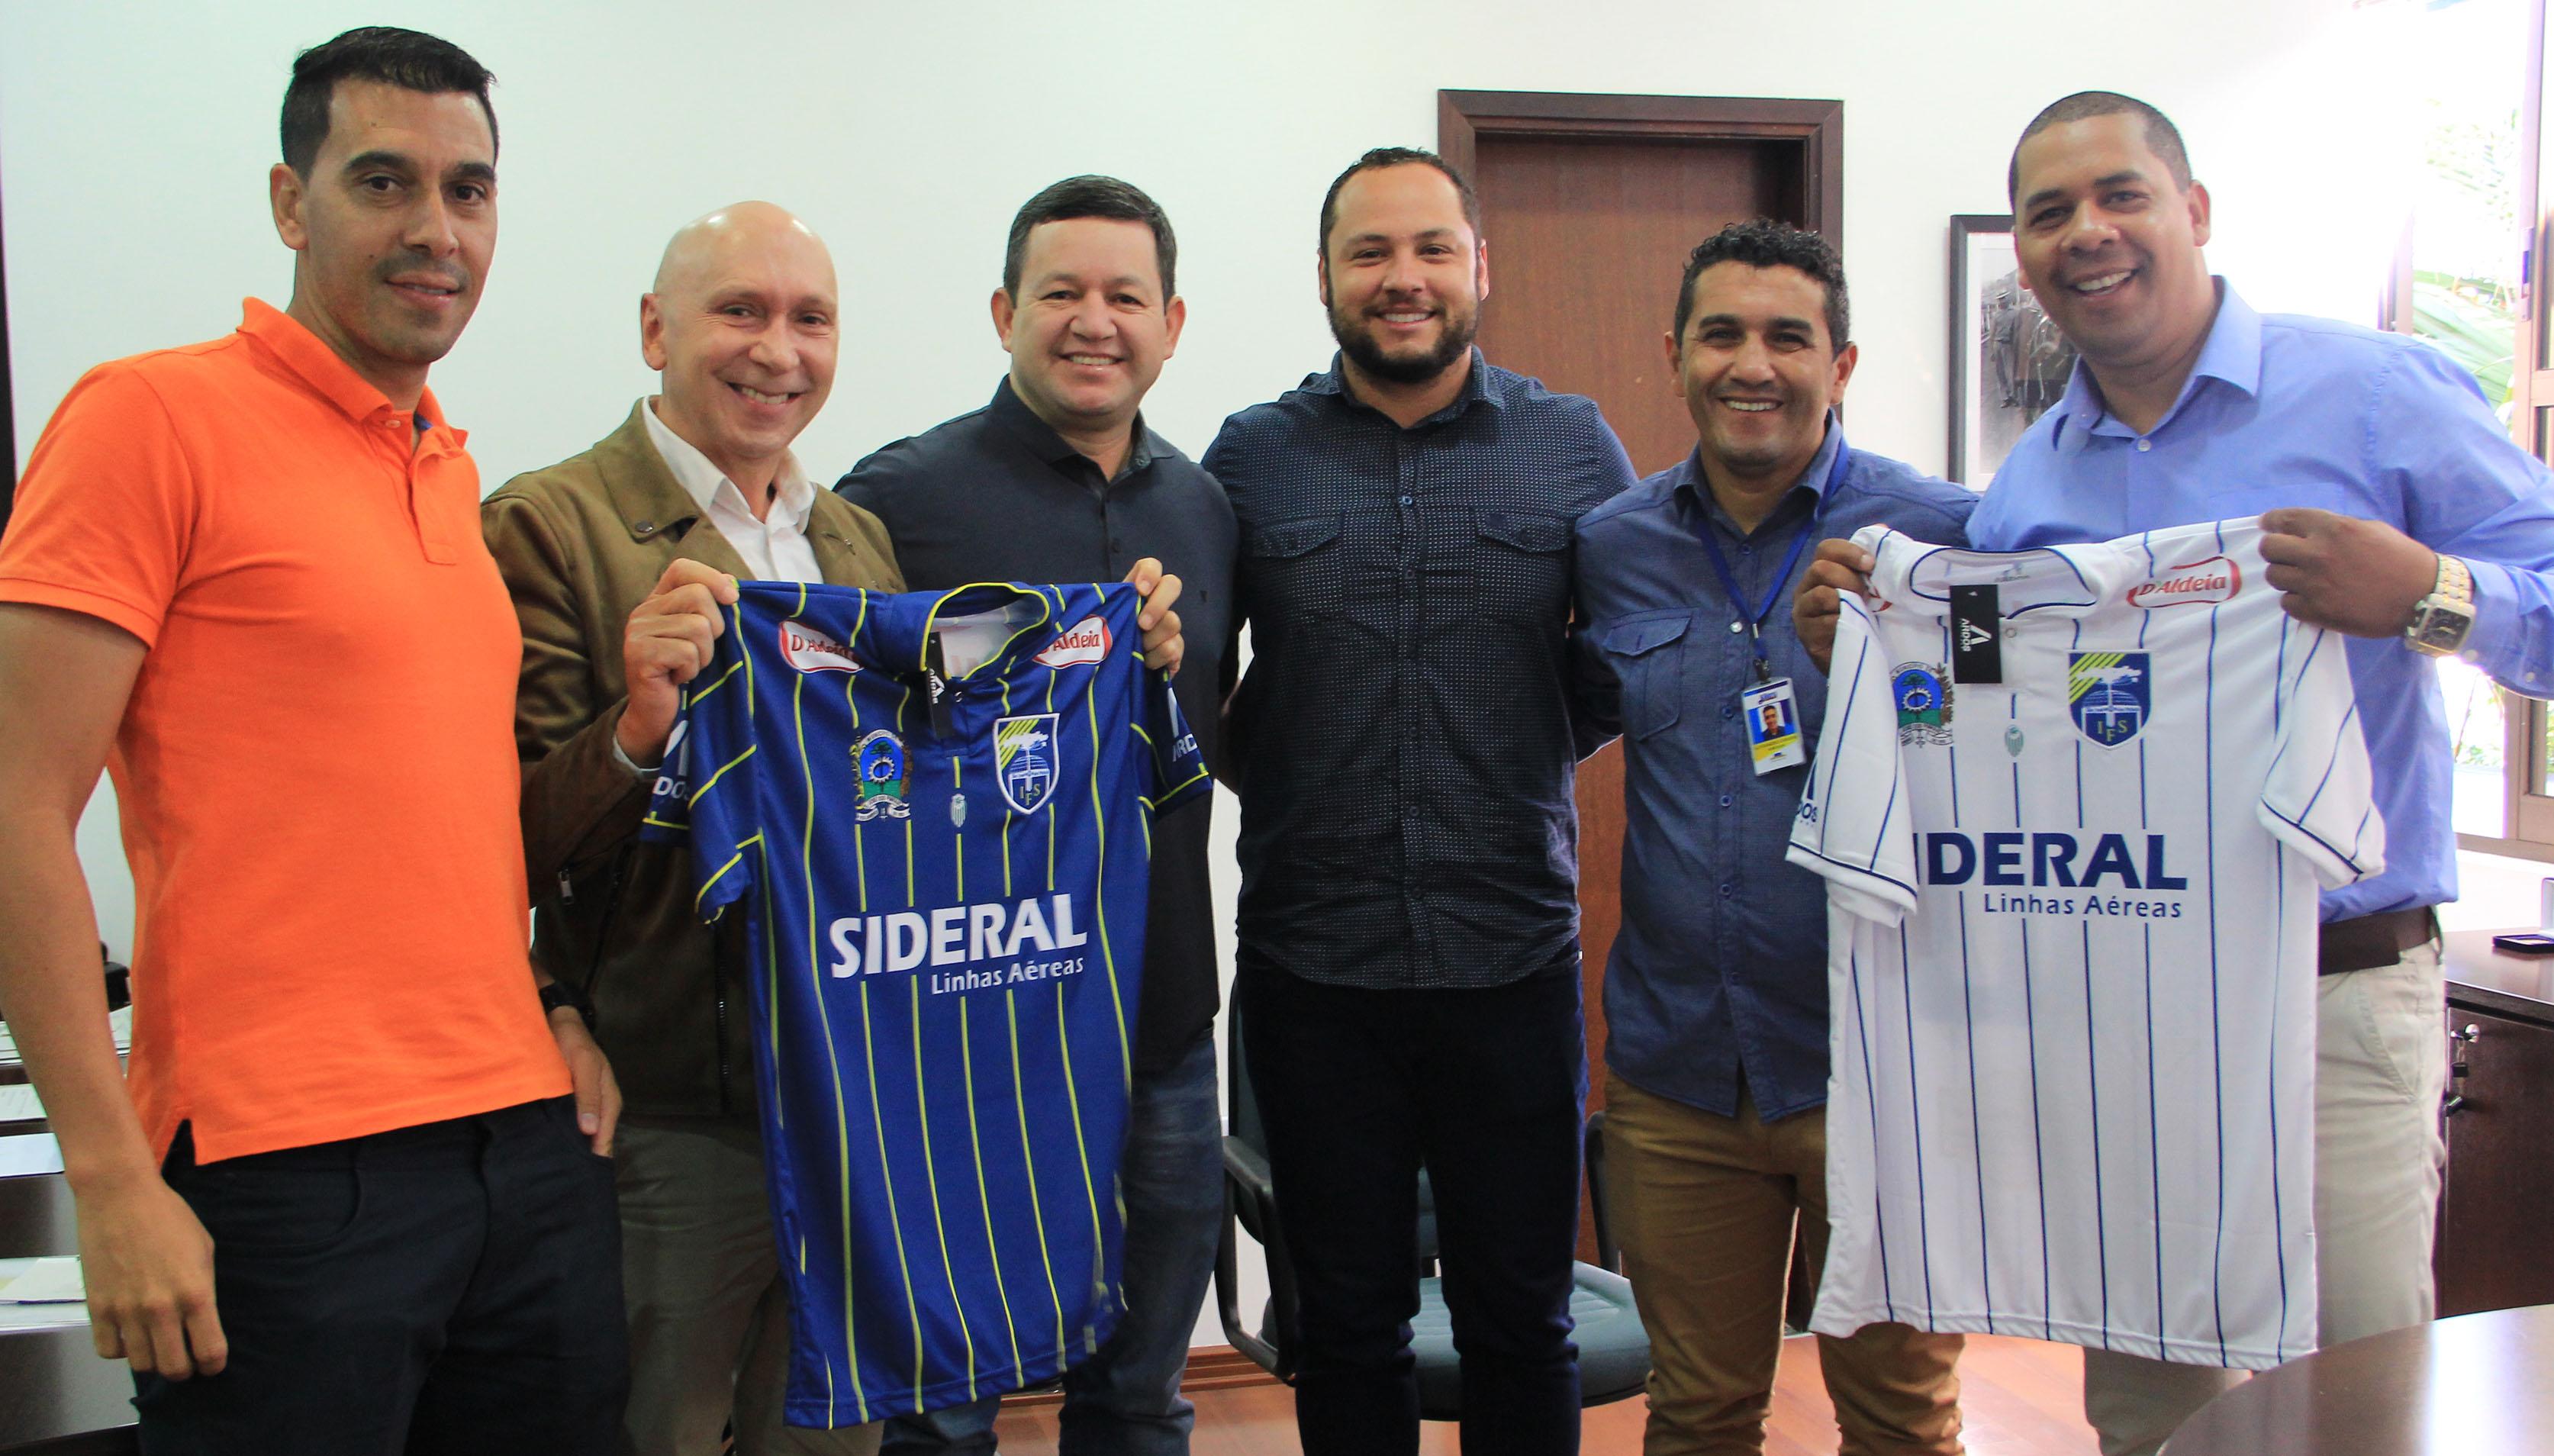 Câmara recebe representantes da equipe de futebol São-joseense